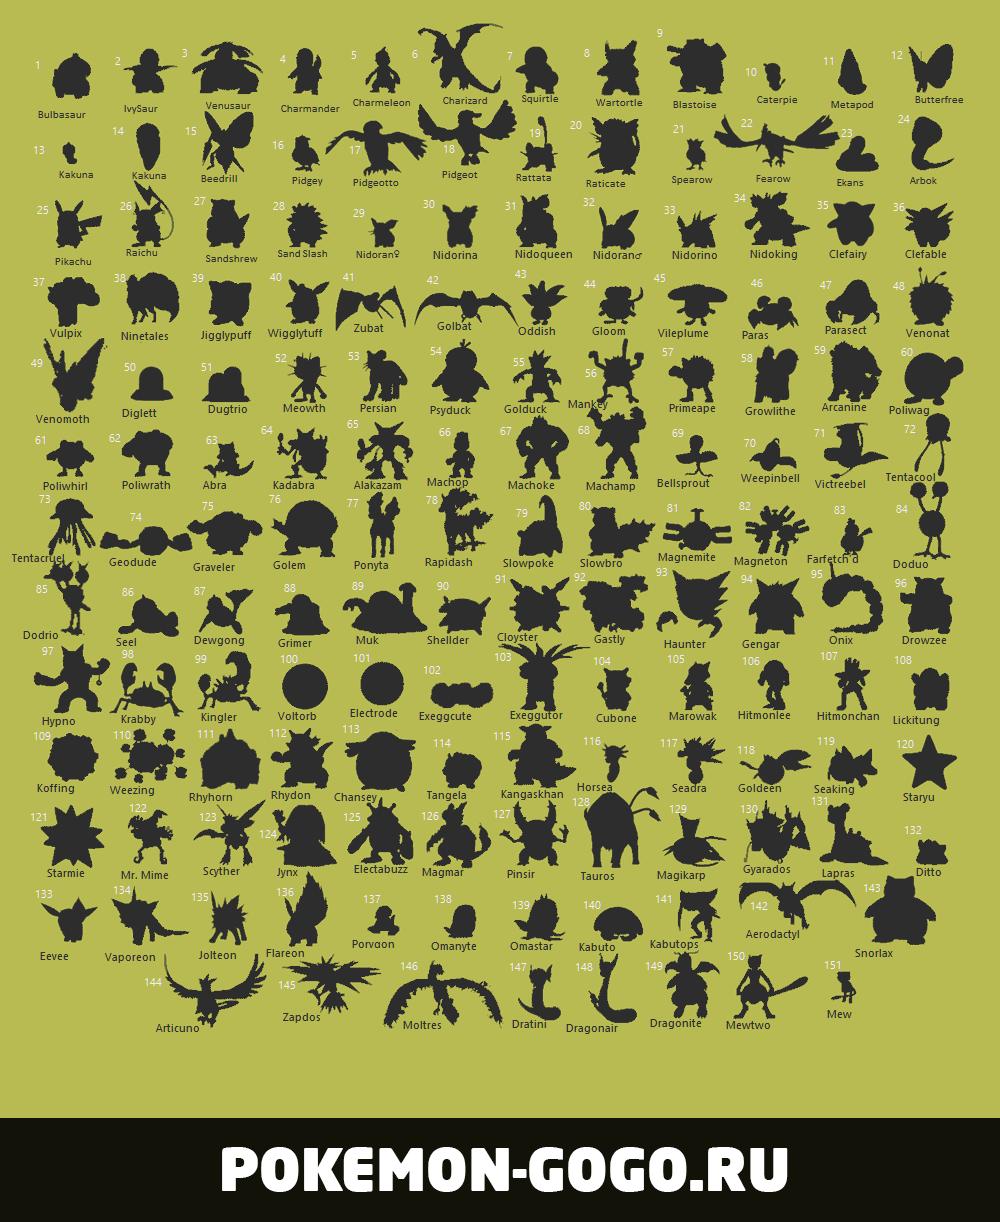 Таблица Теней всех покемонов из Pokemon GO